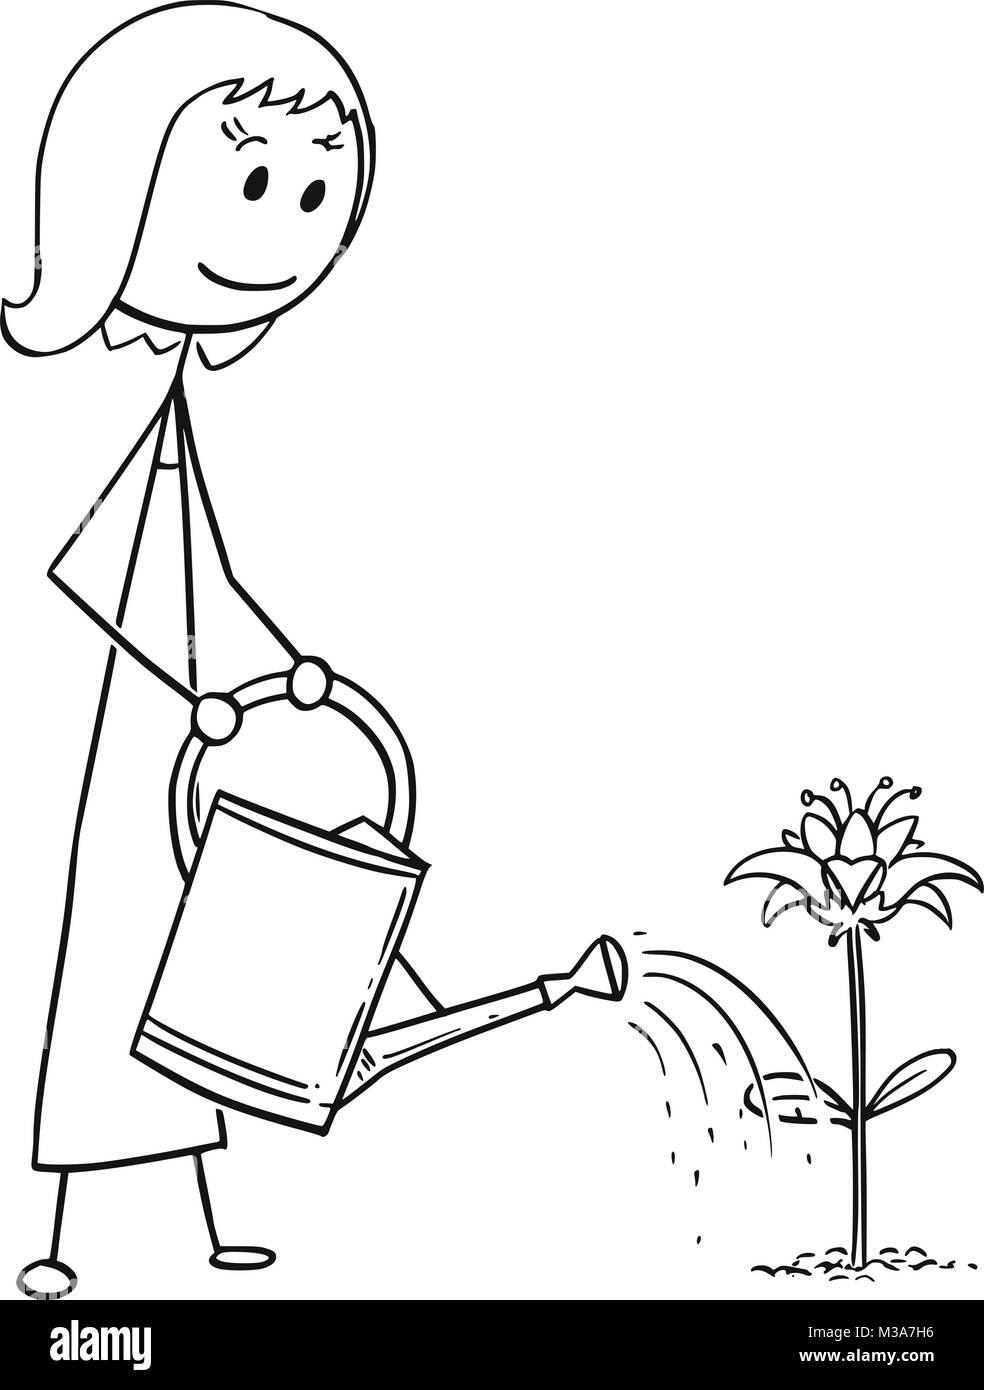 El árbol de Violetta. - Página 3 Caricatura-de-mujer-jardinero-regando-plantas-flor-m3a7h6